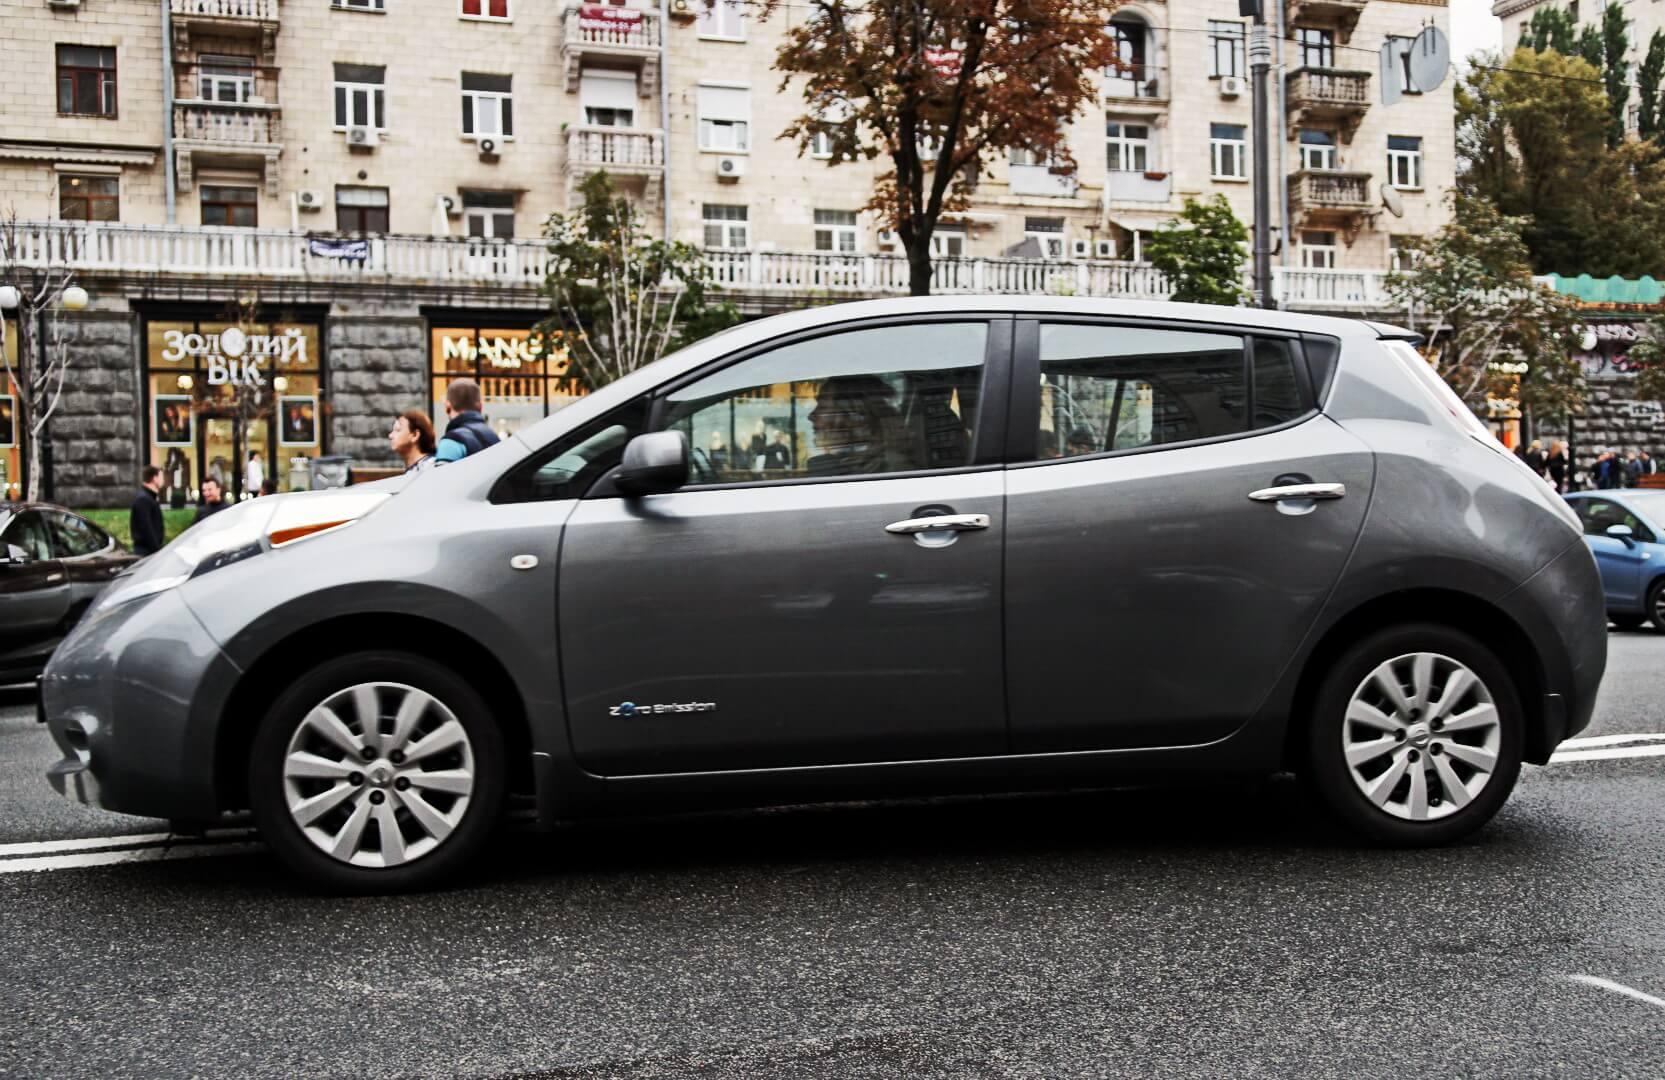 Самый востребованный электромобиль в Украине Nissan Leaf 2013-2015 годов